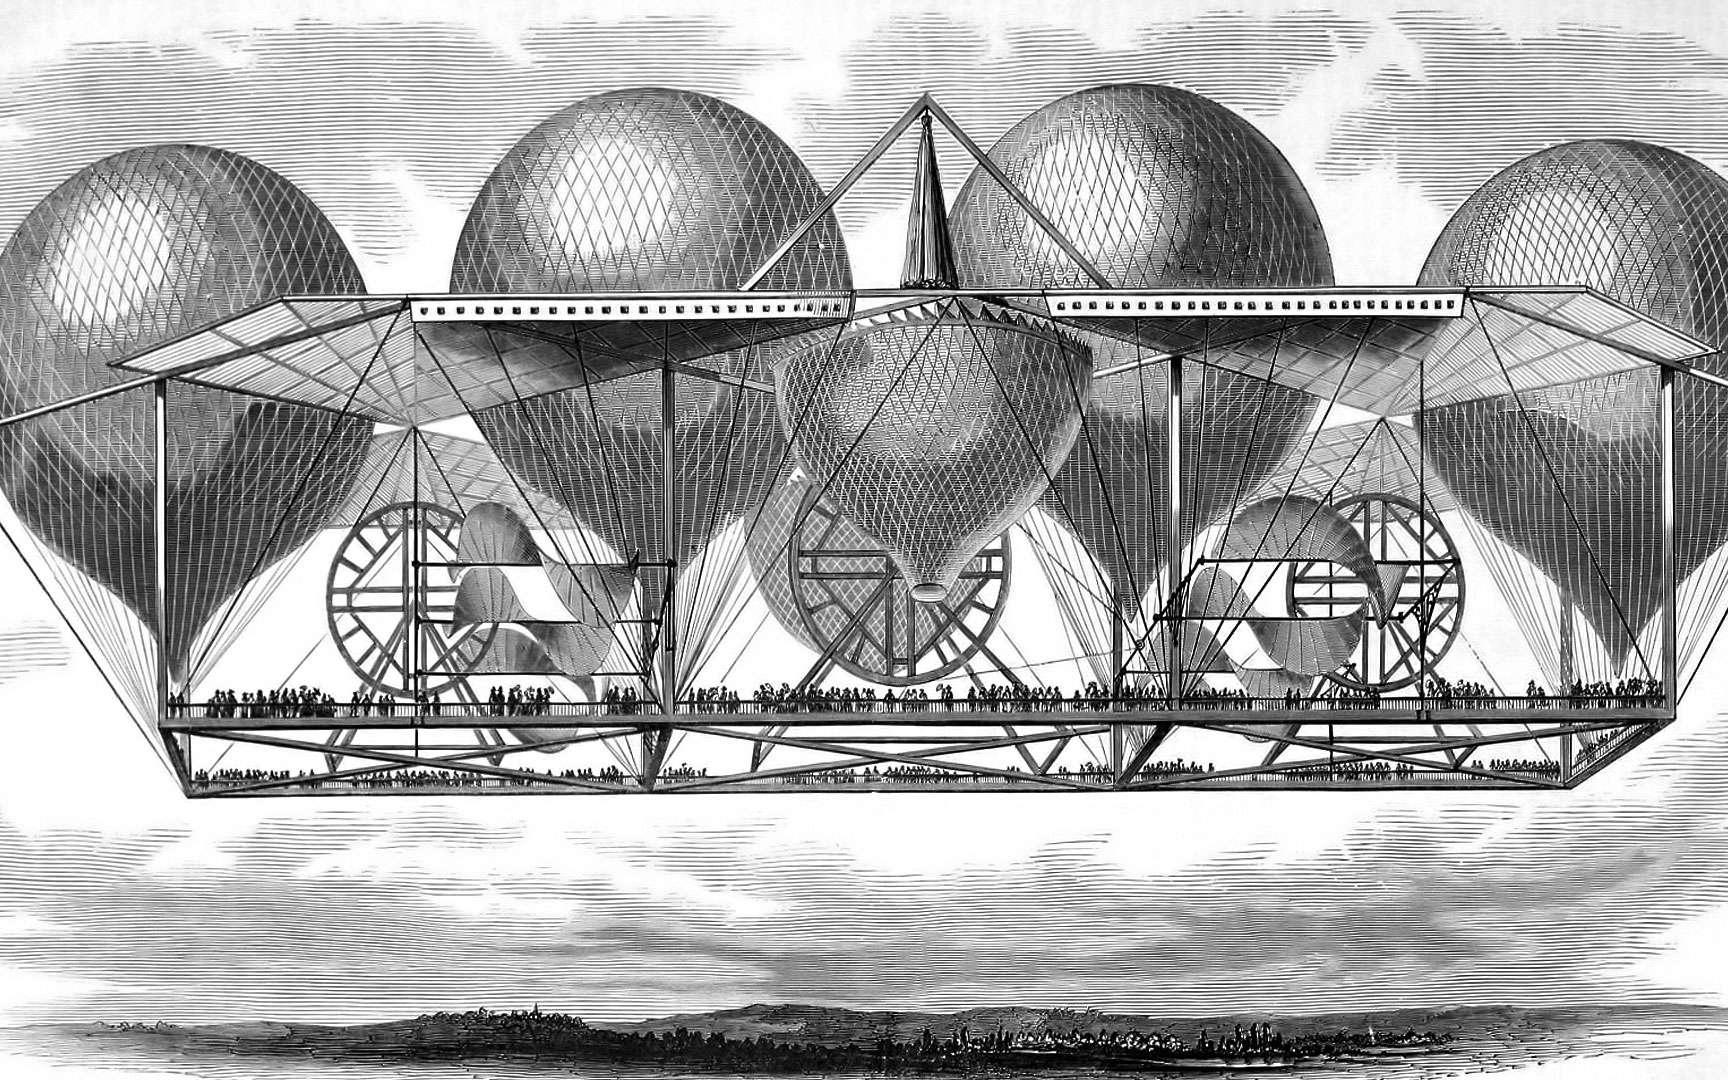 La montgolfière familiale. Dans les années 1900, certaines personnes avaient imaginé des engins volants de différentes tailles (un peu comme le principe des voitures berlines familiales d'aujourd'hui) largement calqués sur les montgolfières. En effet, un peu plus d'un siècle plus tôt, les frères Montgolfier (Joseph-Michel et Jacques-Étienne) avaient fait voler le premier ballon gonflé d'air chaud. Dans l'imaginaire populaire, le ballon était donc l'une des seules formes d'objets volants connues. © Hildebrands